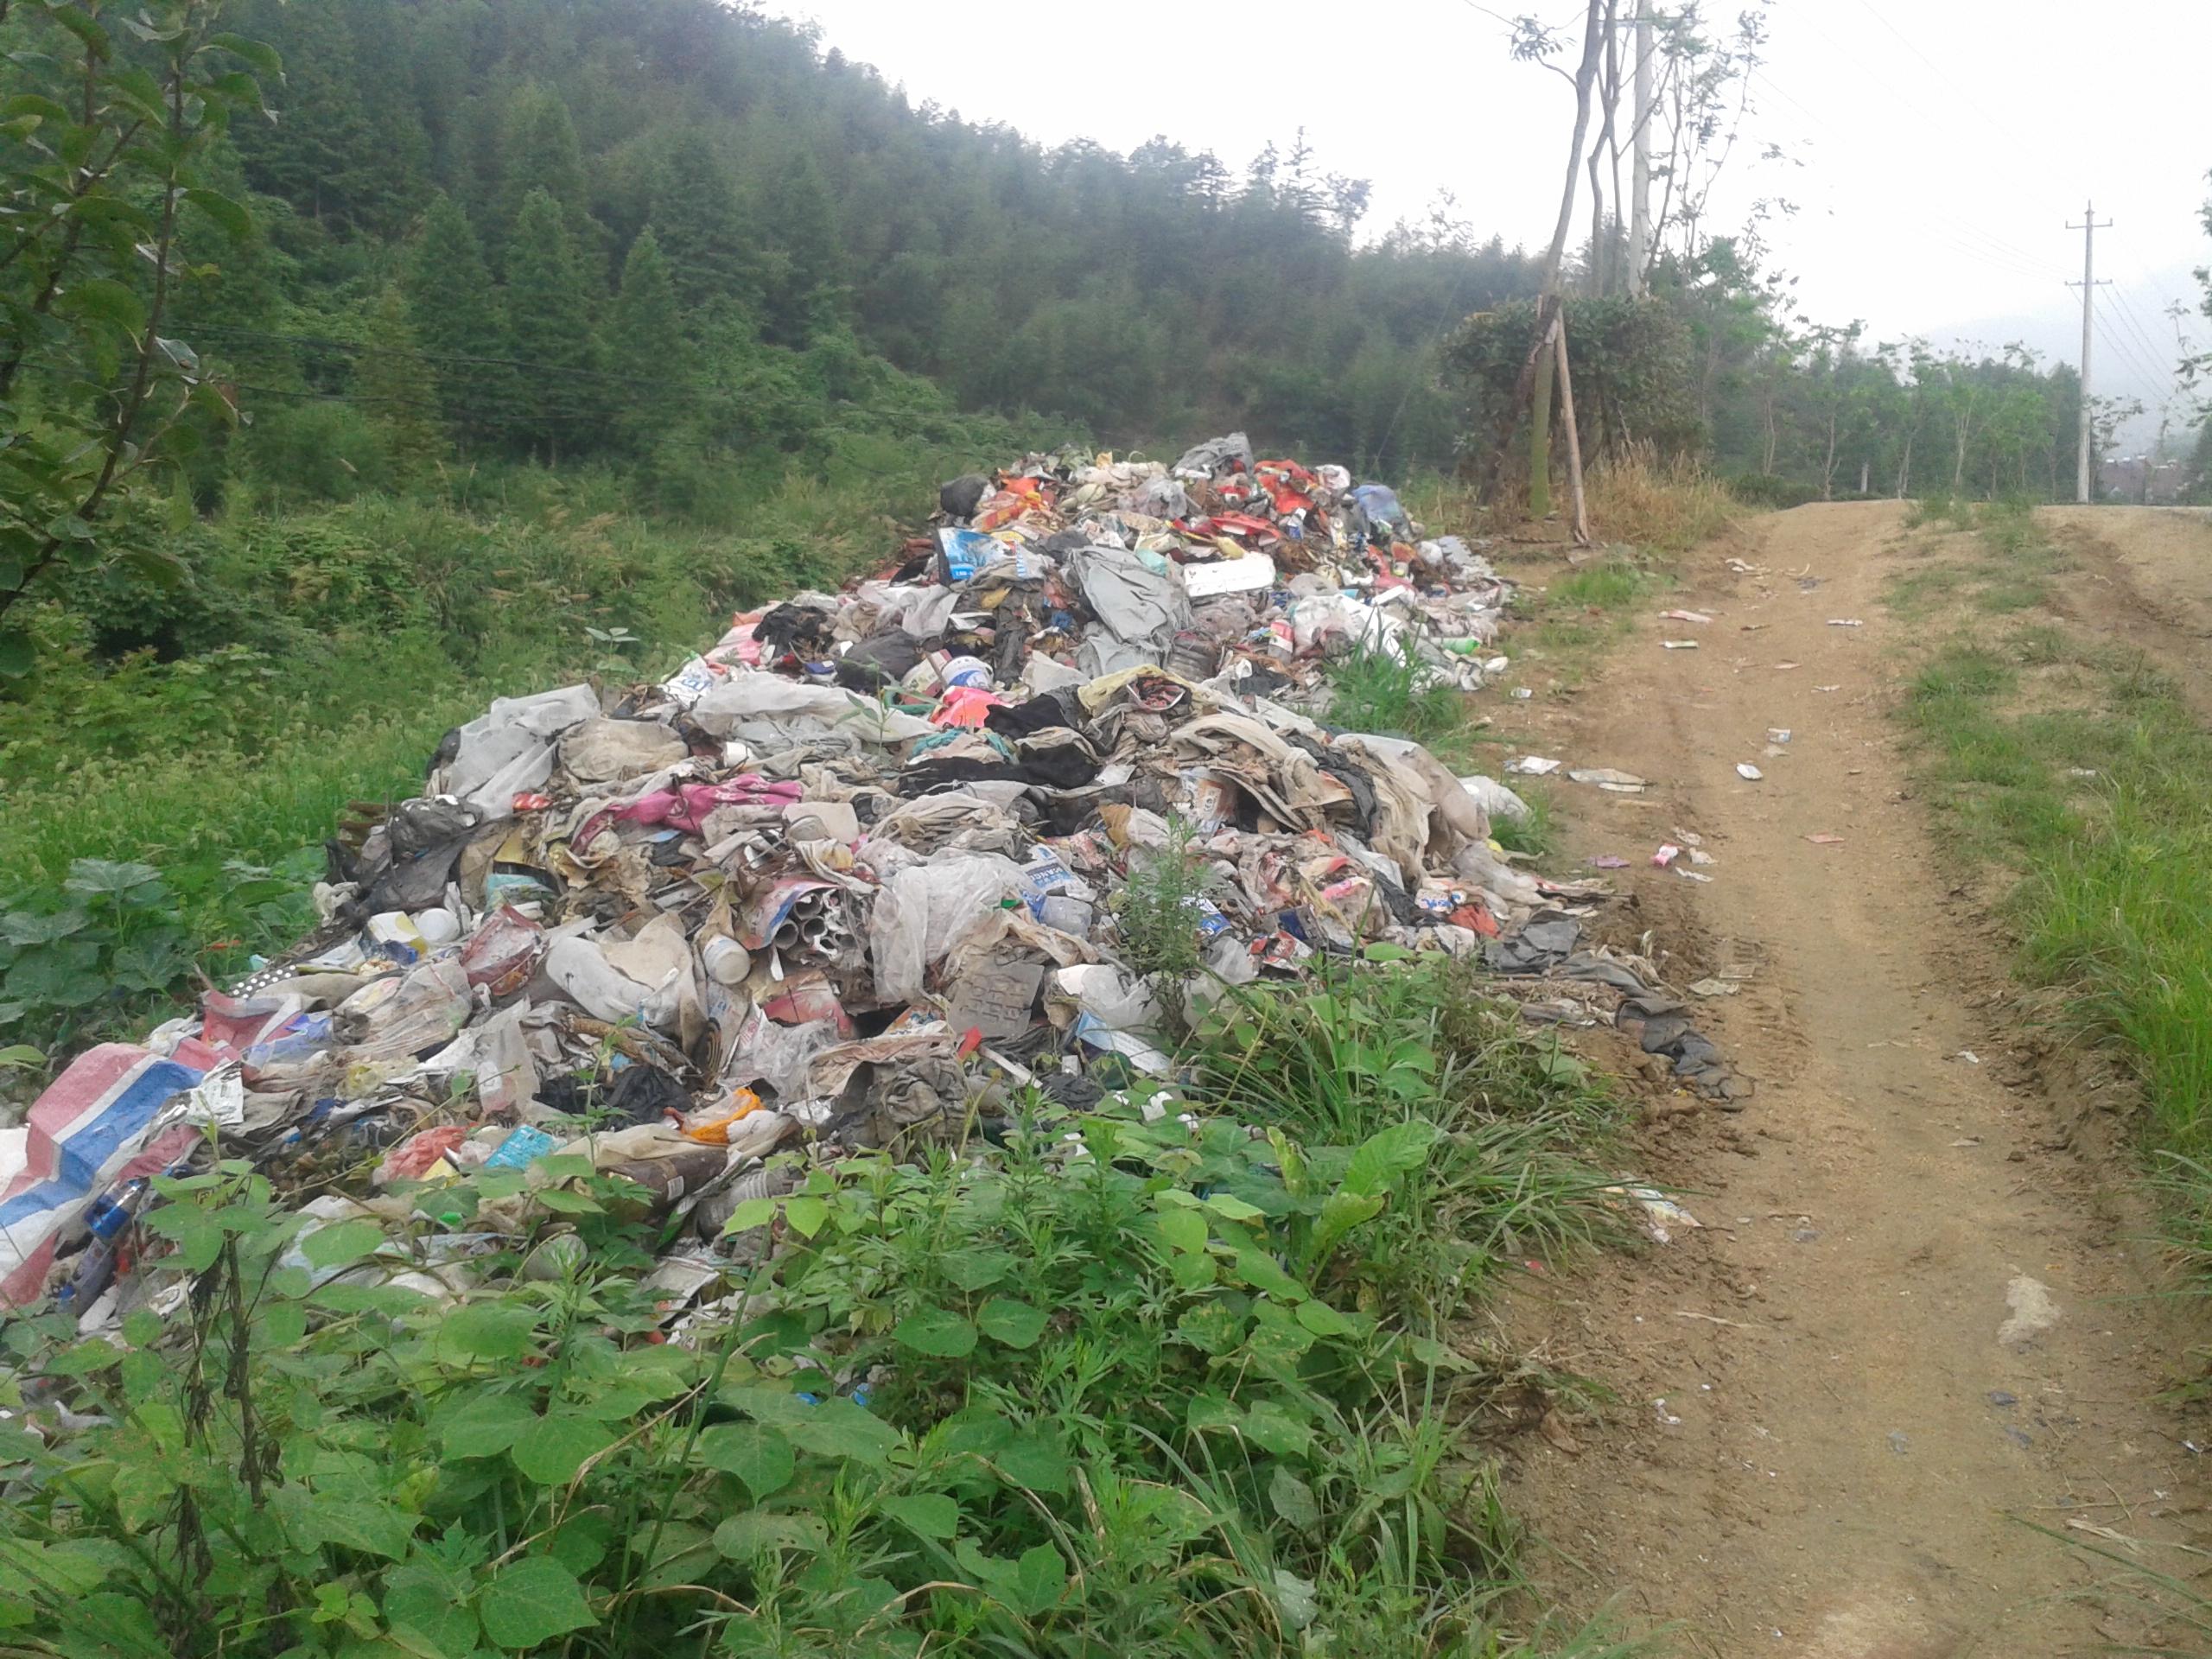 这是在卢村乡九龙村往冯村去的方向拍摄的(九龙新村部旁边),这些